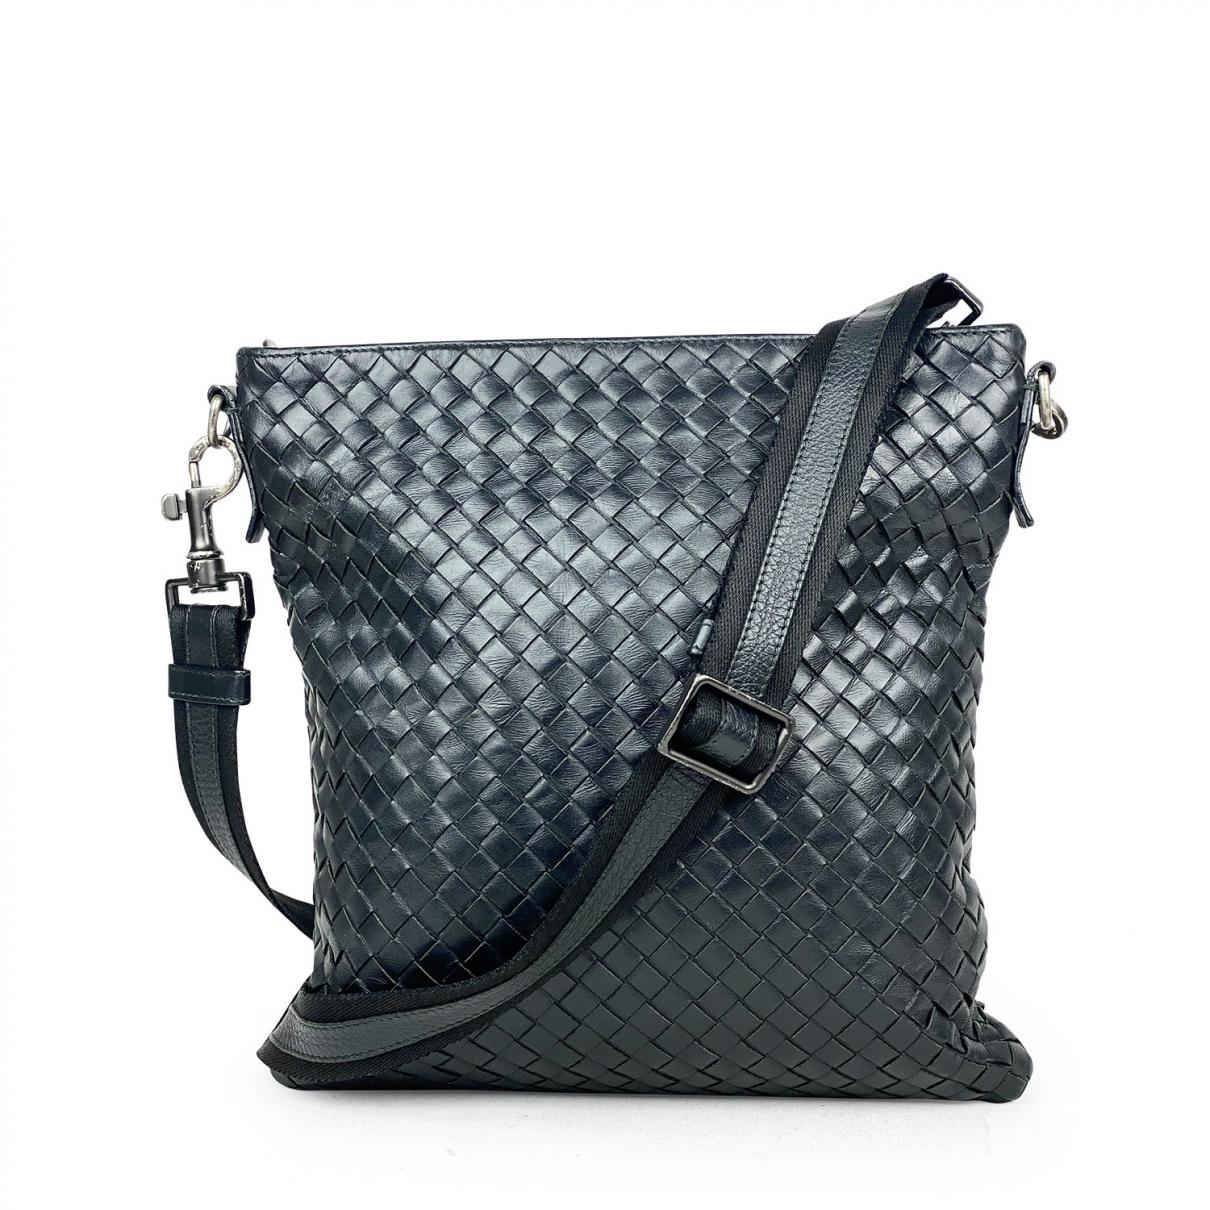 Bottega Veneta \N Black Leather bag for Men \N